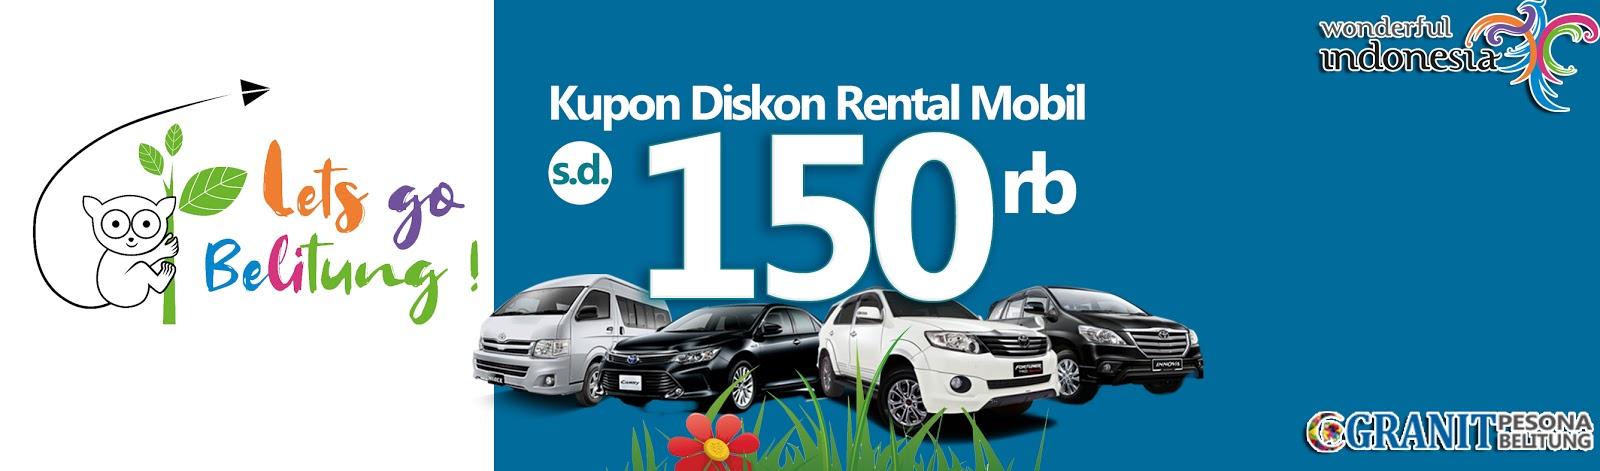 Kupon Diskon Rental Mobil di Belitung